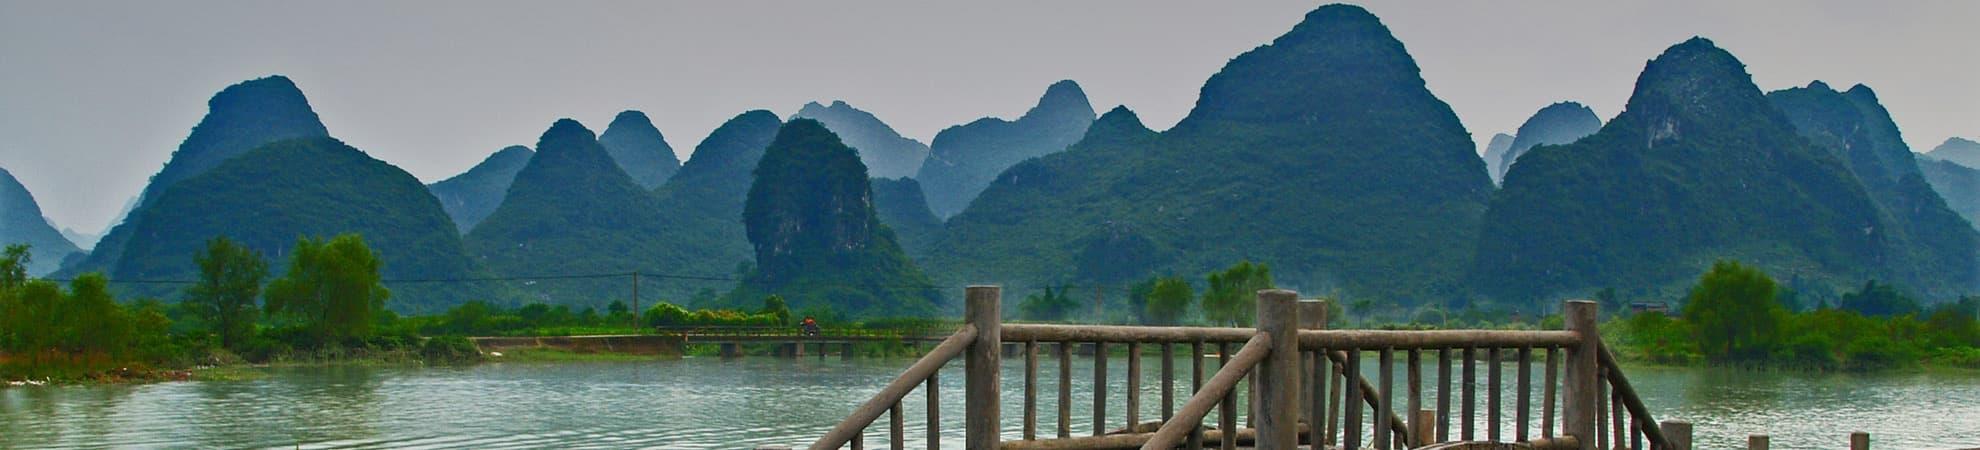 Voyage Le Sud de la Chine